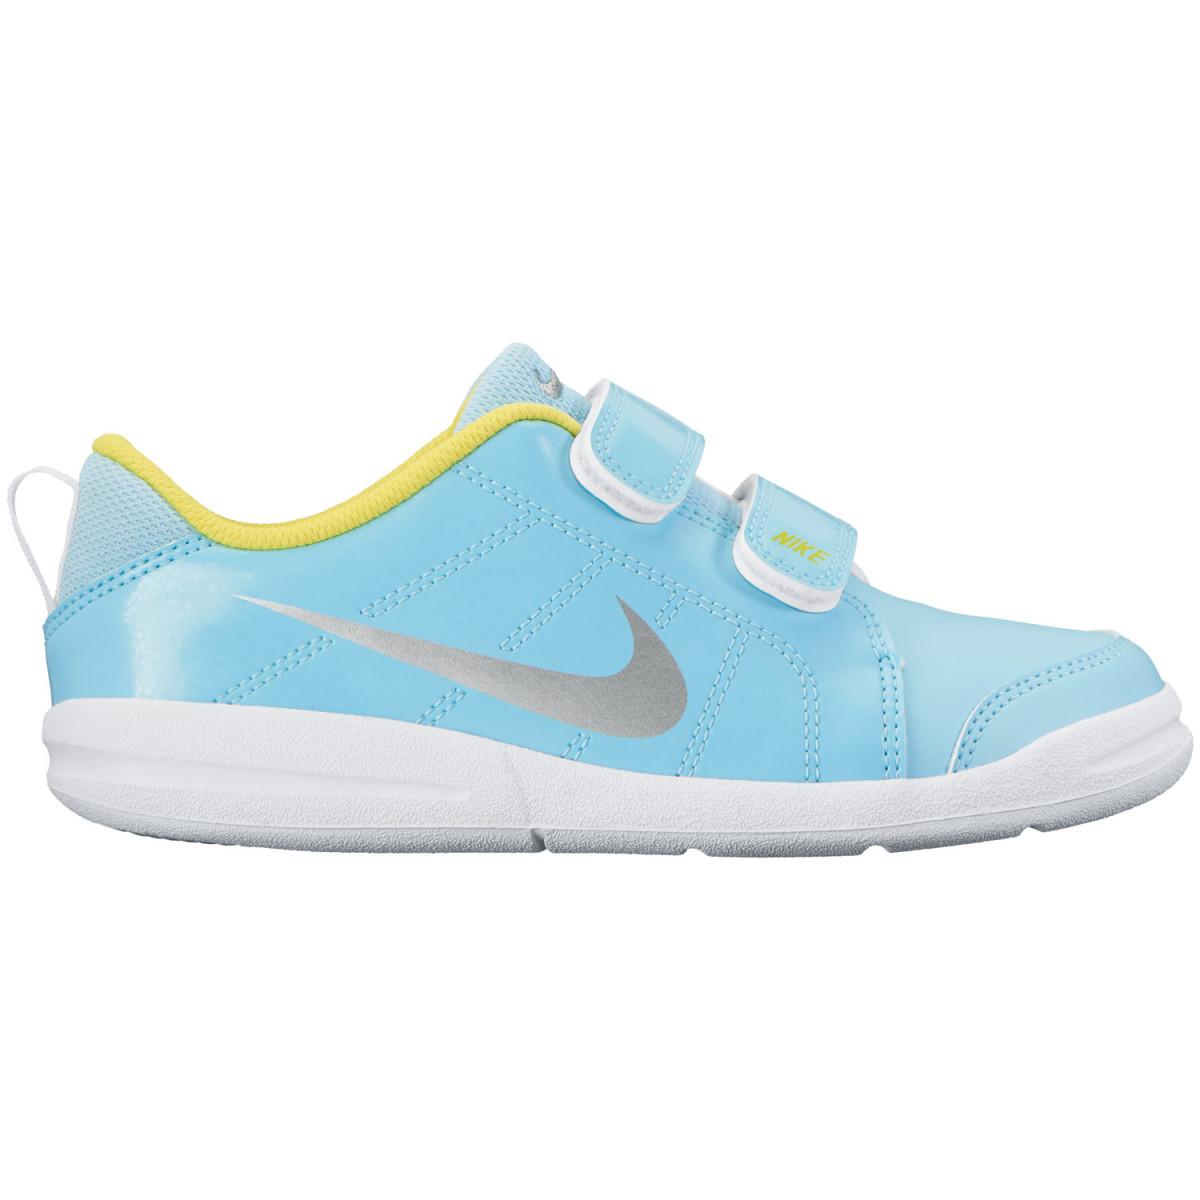 Zapatillas Nike Pico Lt Pvs